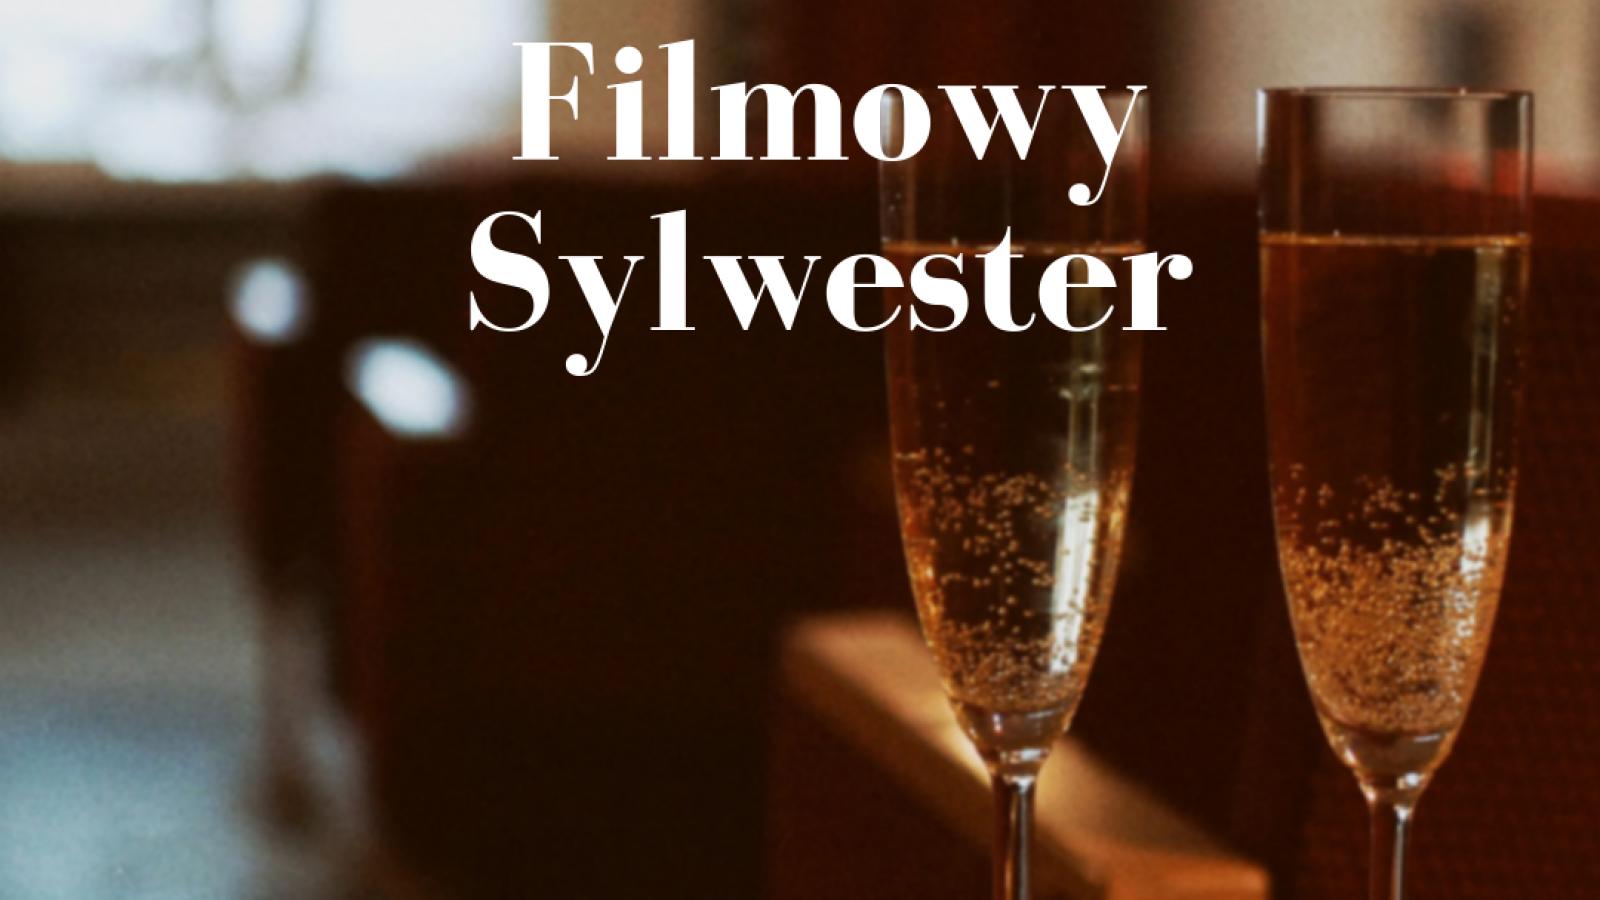 Filmowy Sylwester 2018/2019 w Starym Kinie